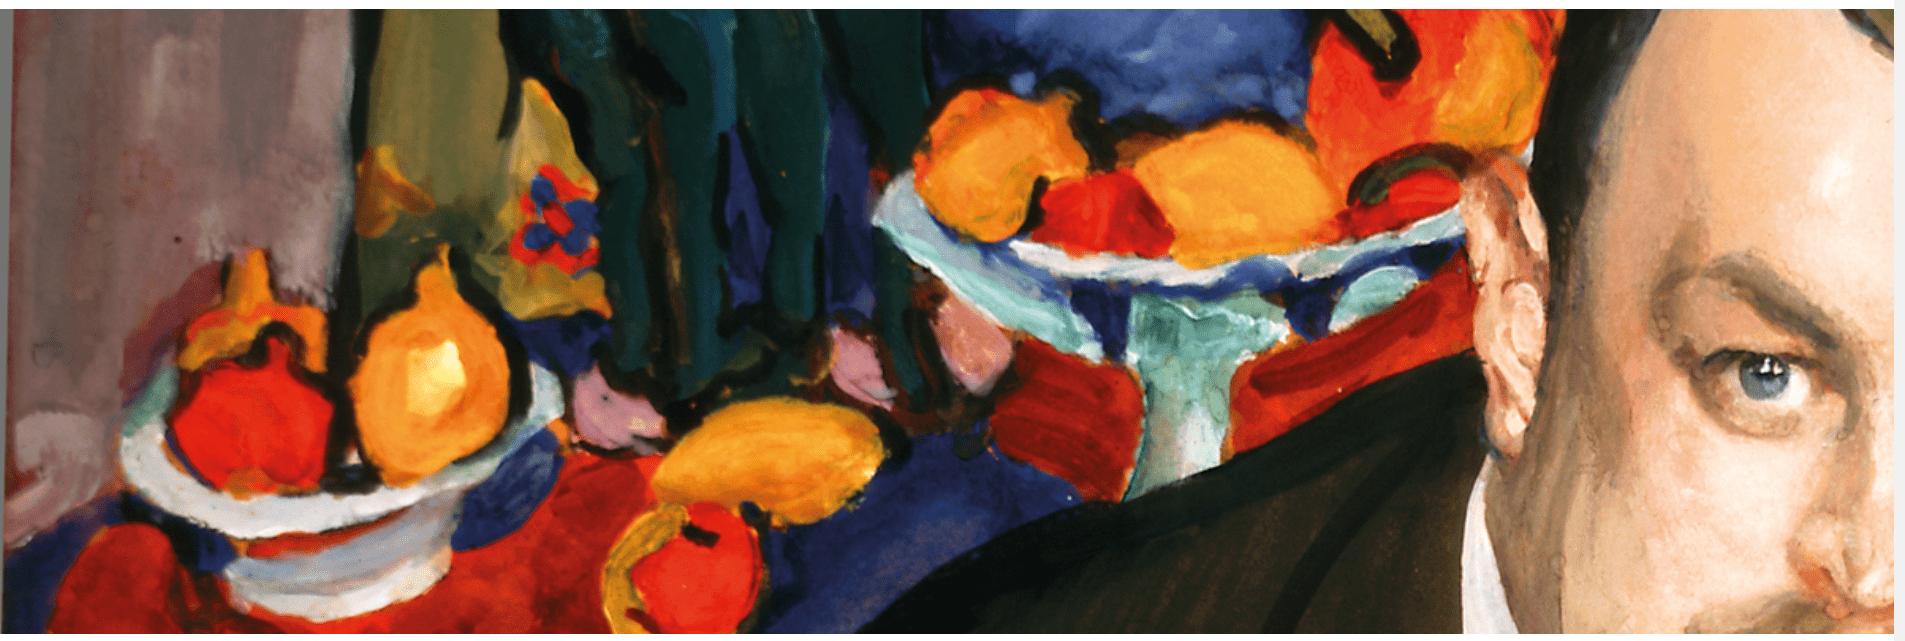 Ausstellung Ivan Morozov, Fondation Louis Vuitton, Paris, Valentin Sérov, Portrait du collectionneur de la peinture moderne russe et française Ivan Abramovitch Morozov, 1910, Galerie Trétiakov, Moscou (Detail, Bildschirmfoto)